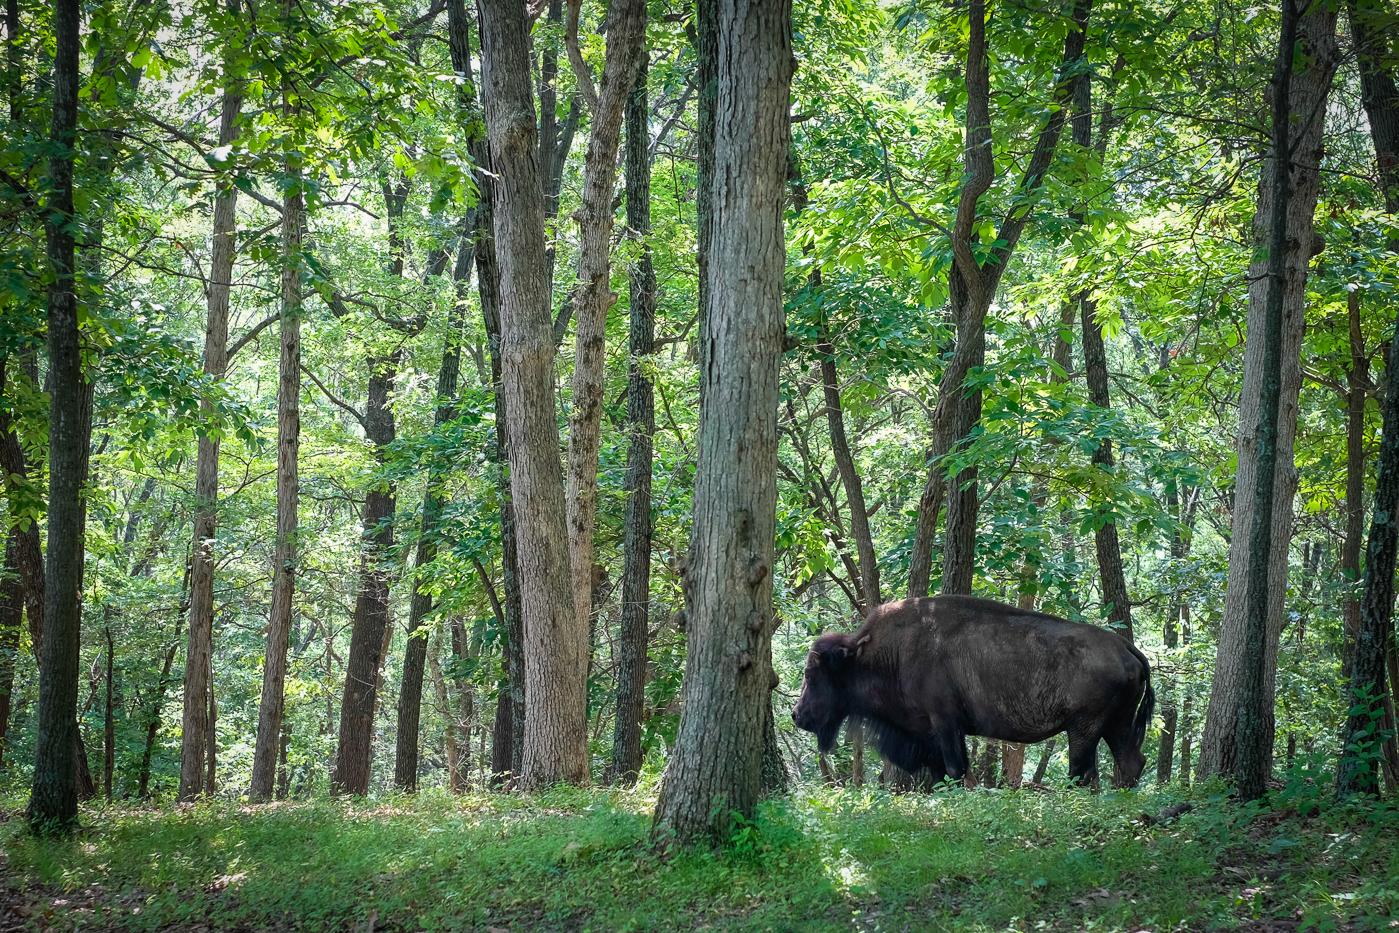 Bison at Lone Elk Park